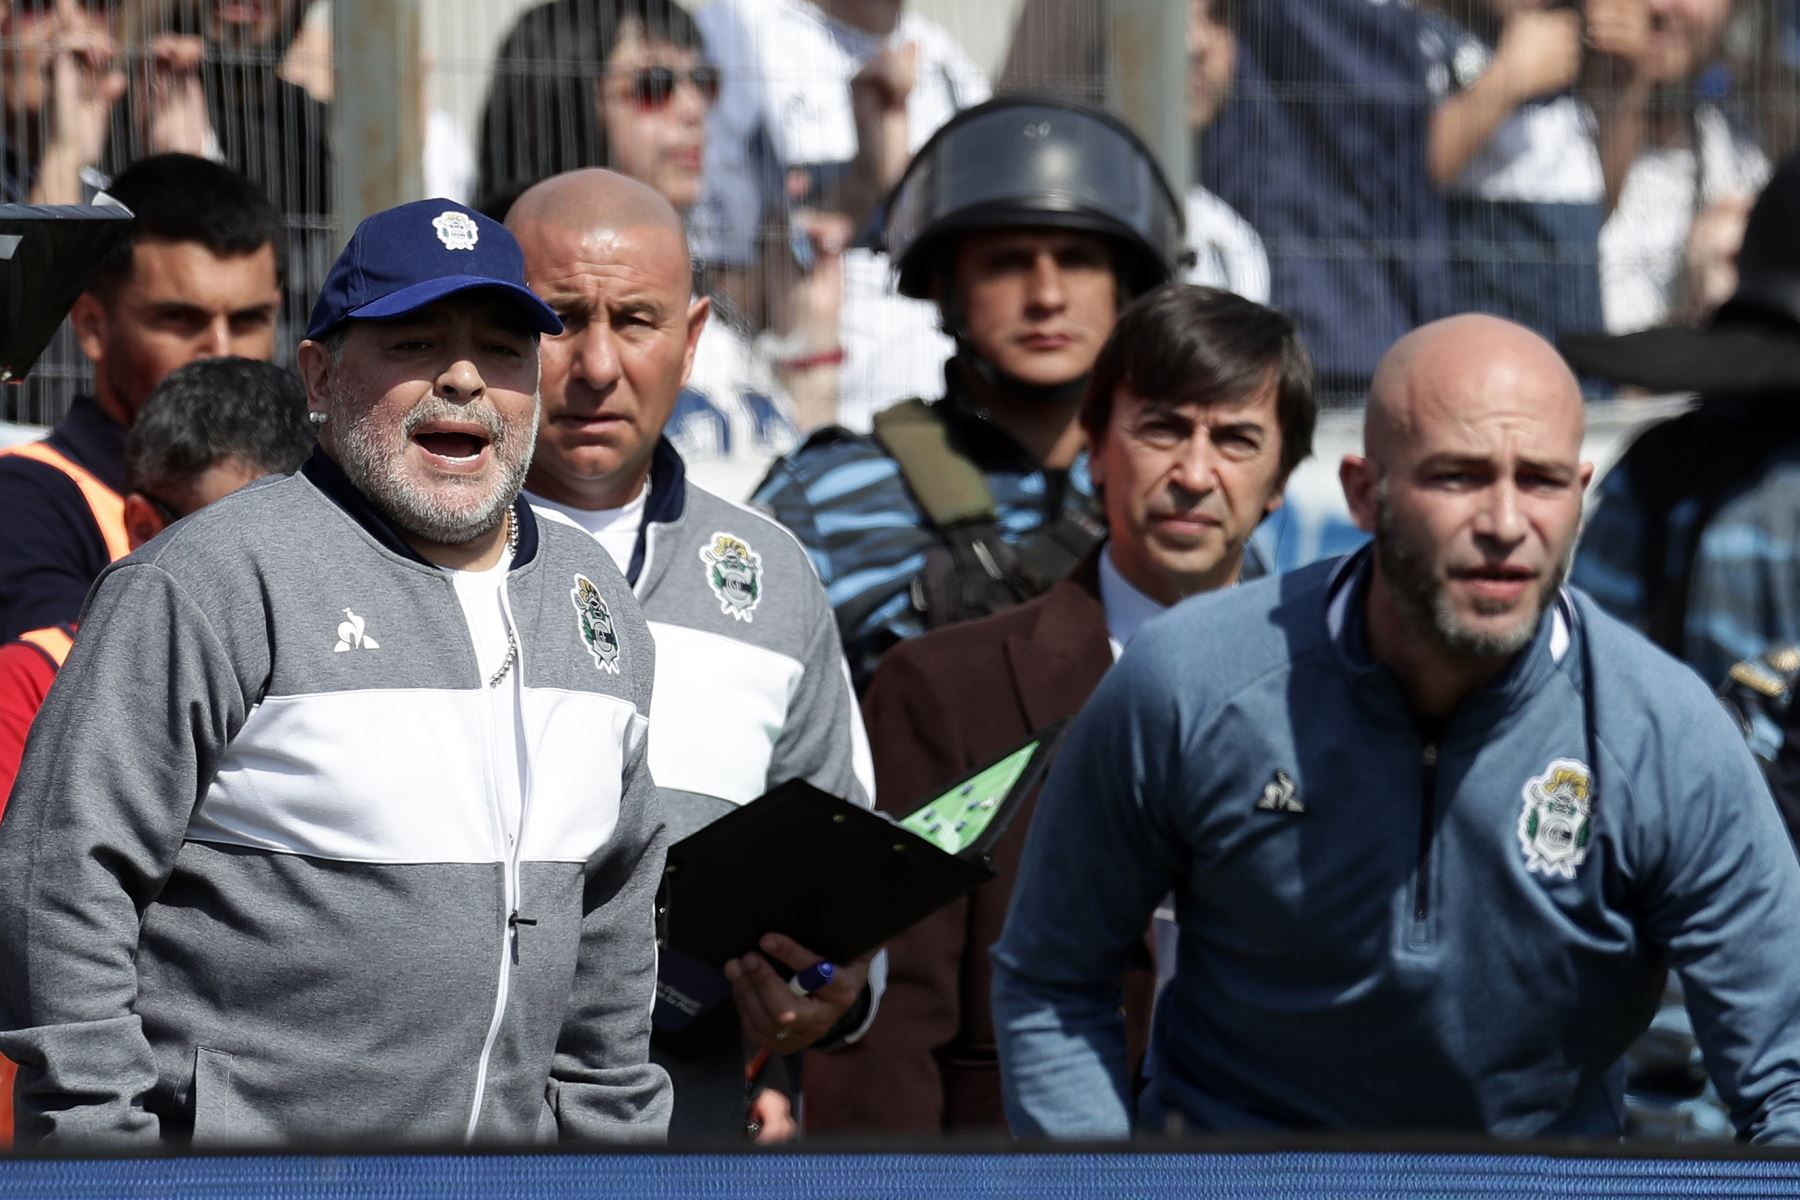 La ex estrella del fútbol argentino Diego Armando Maradona (L) y el nuevo entrenador del equipo de Gimnasia y Esgrima La Plata gestos durante su partido de fútbol de la Superliga de la Primera División de Argentina contra el Racing Club. Foto:AFP